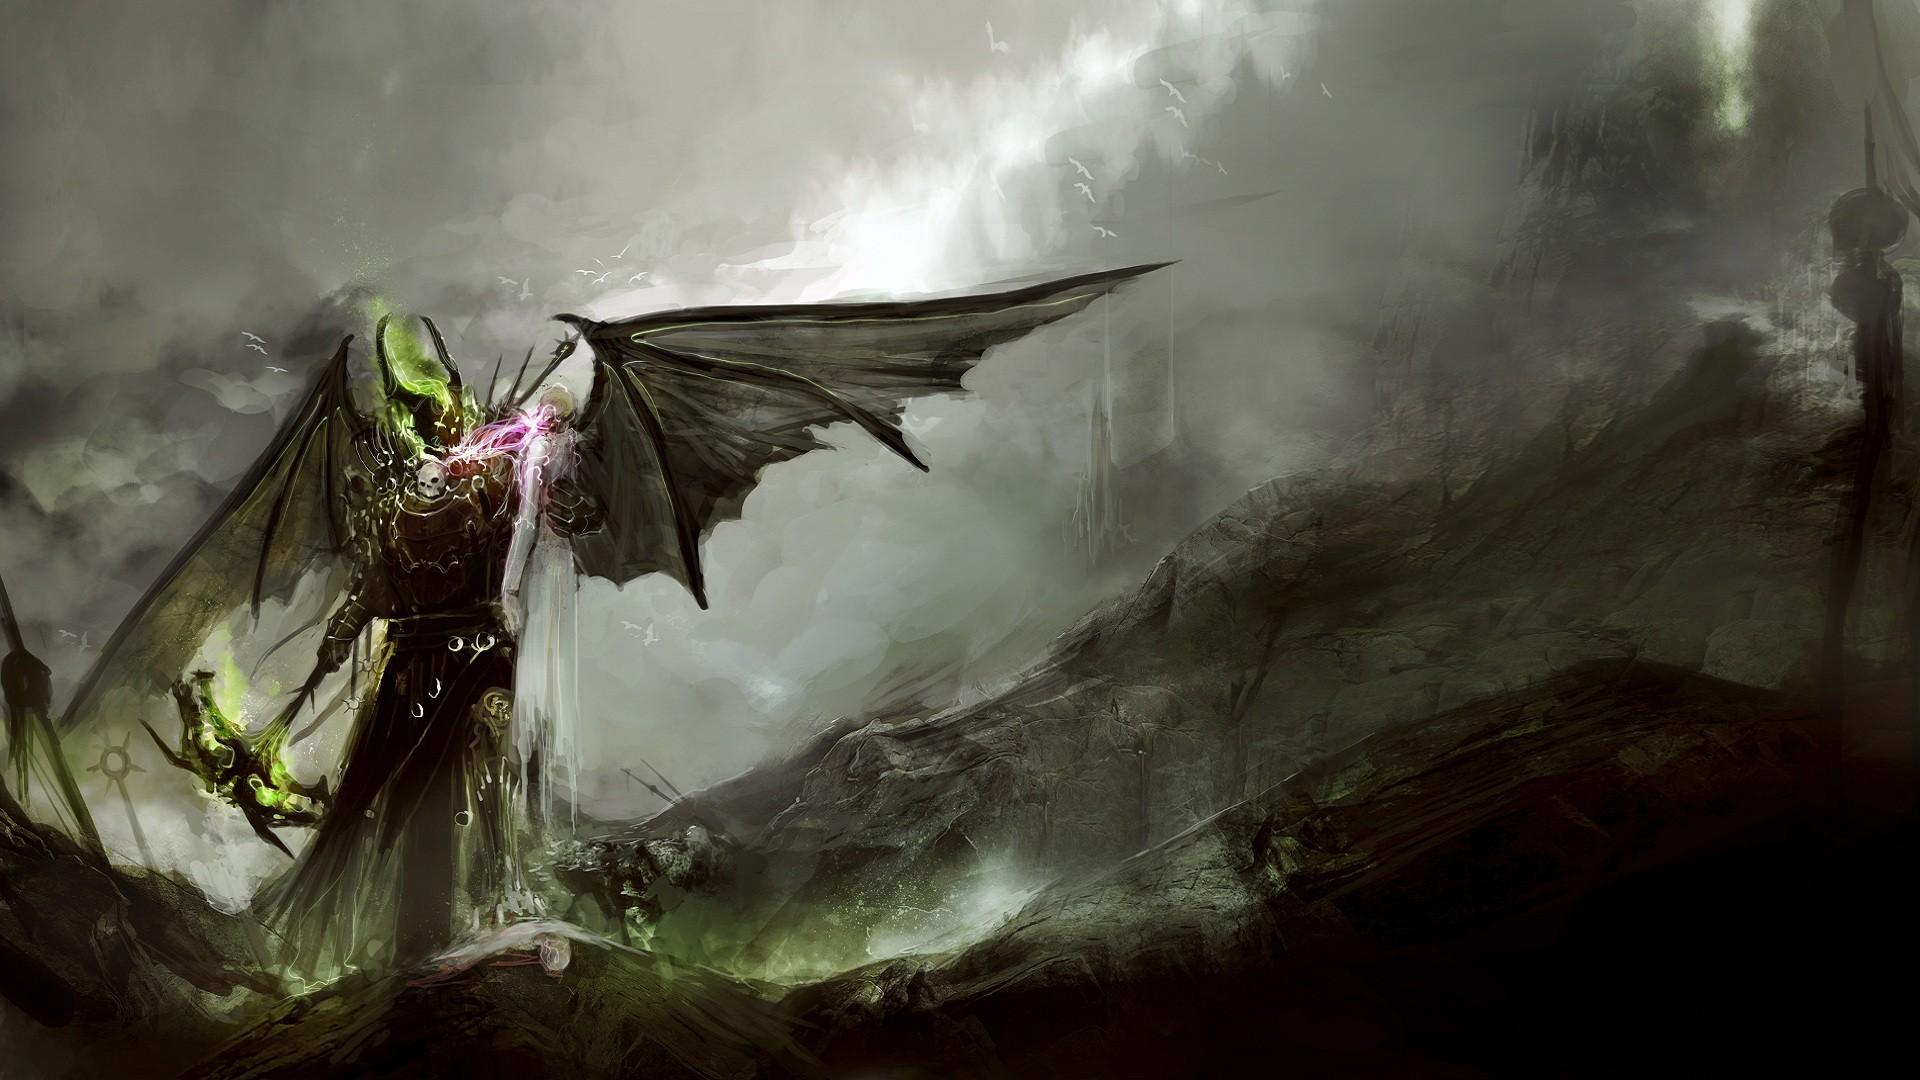 Wallpaper : Fantasy Art, Wings, DeviantArt, Mist, Sword